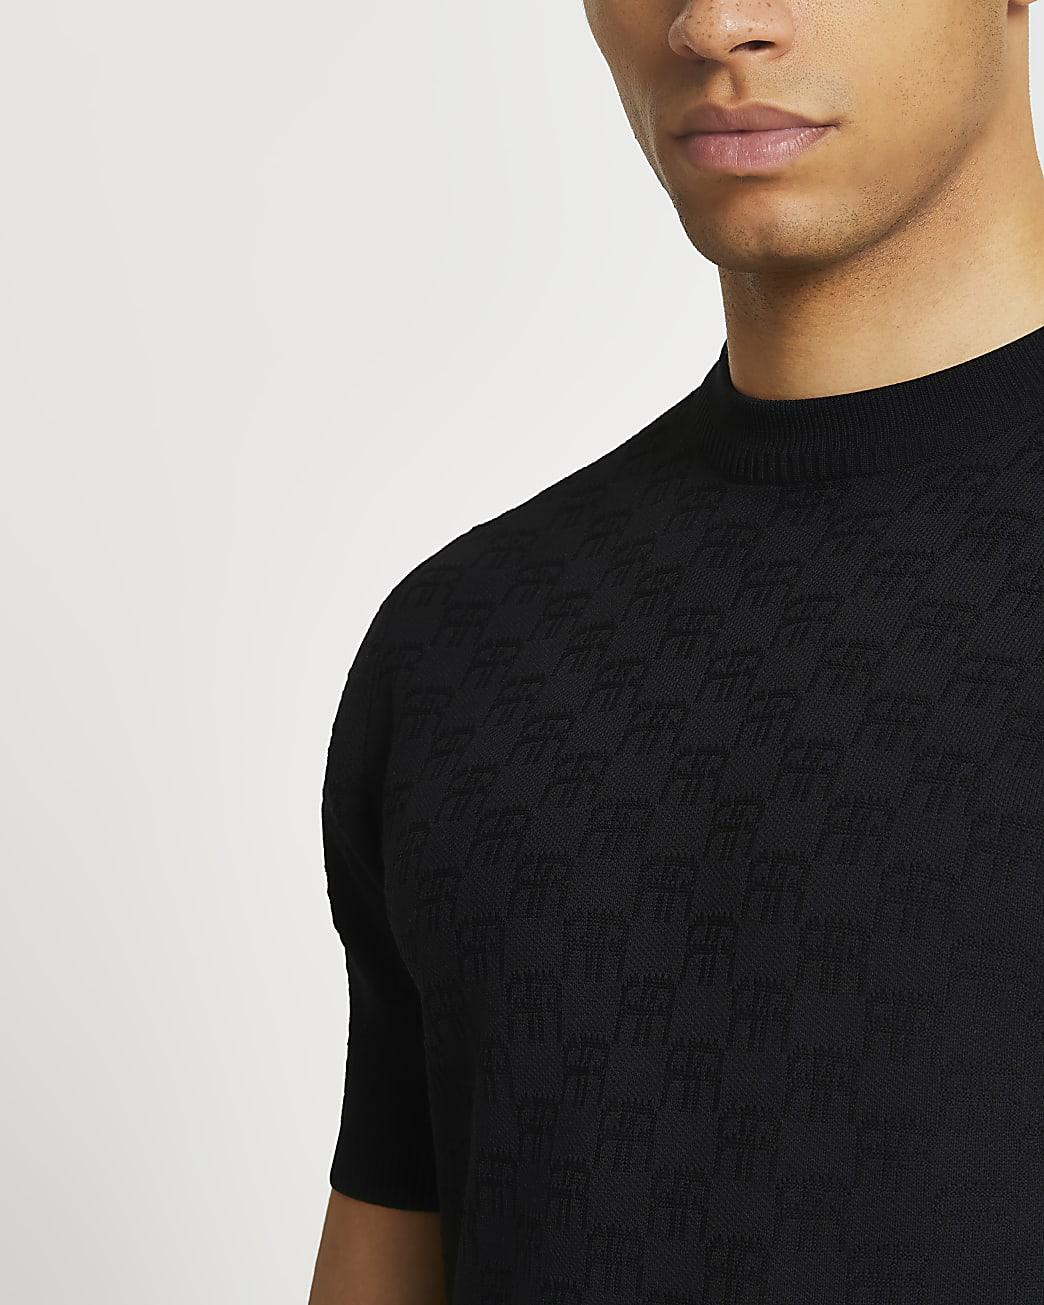 Black RR monogram muscle fit t-shirt